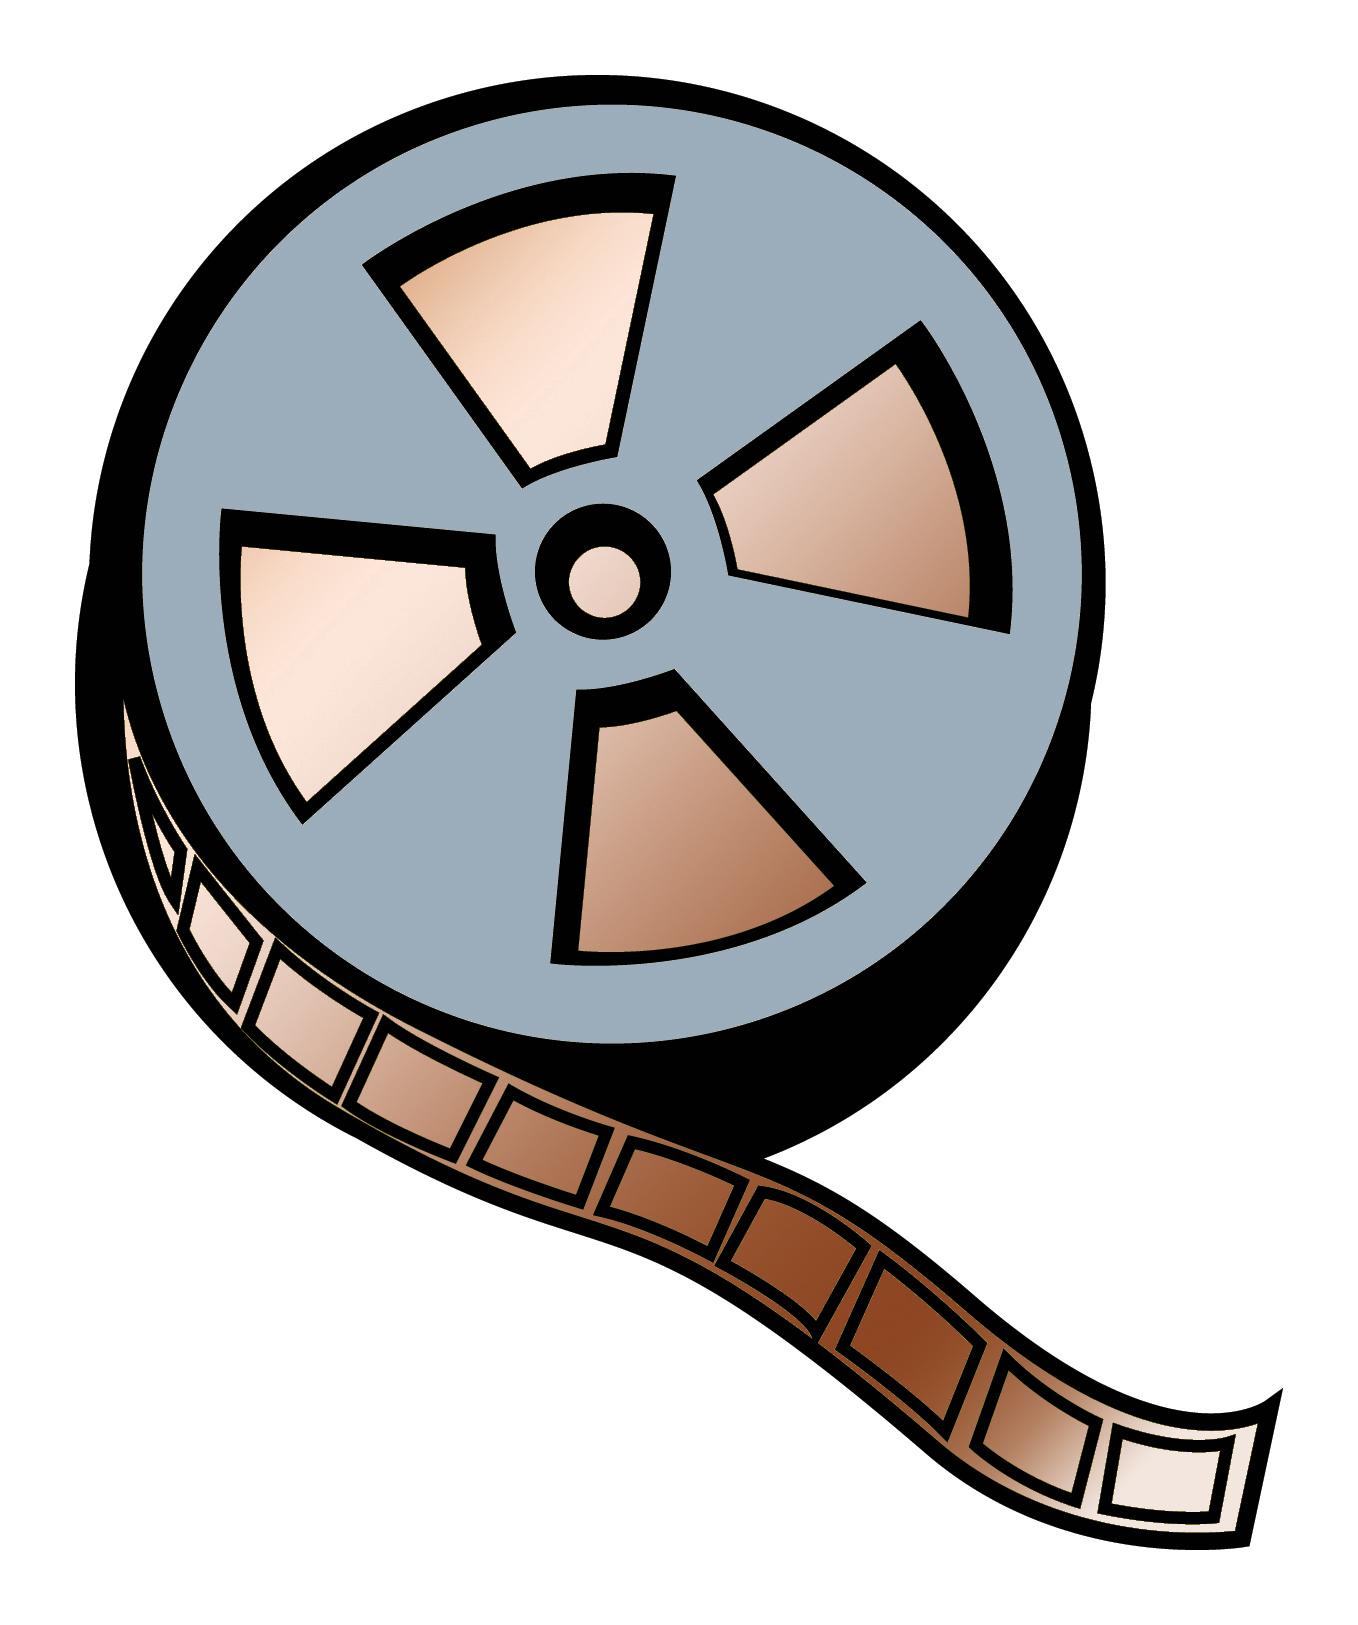 Cd clipart movie. Film cliparting com